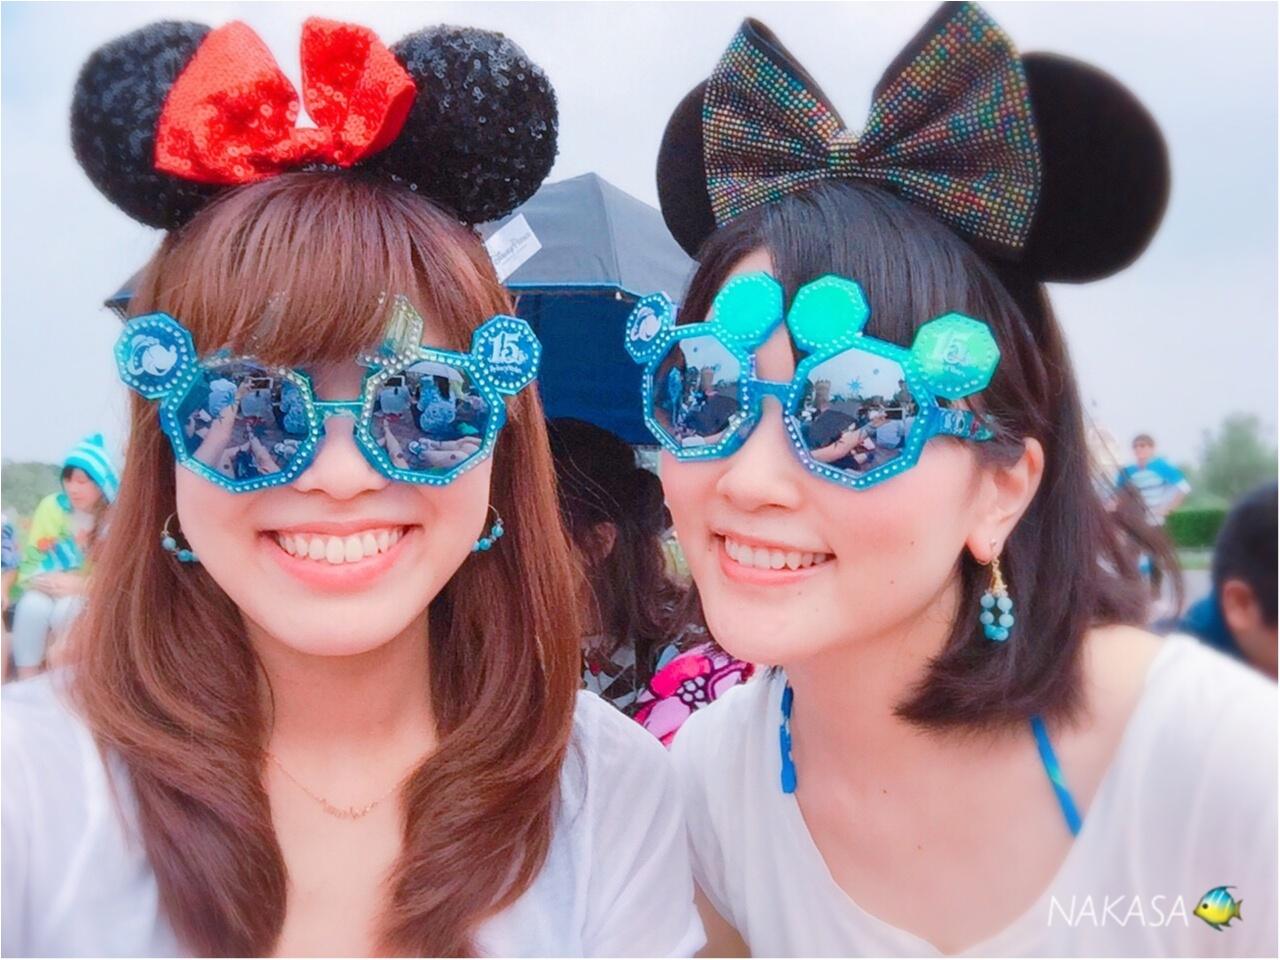 ▷夏だ!!ソイヤッ!!夏祭りだレポ⑅◡̈*①_14